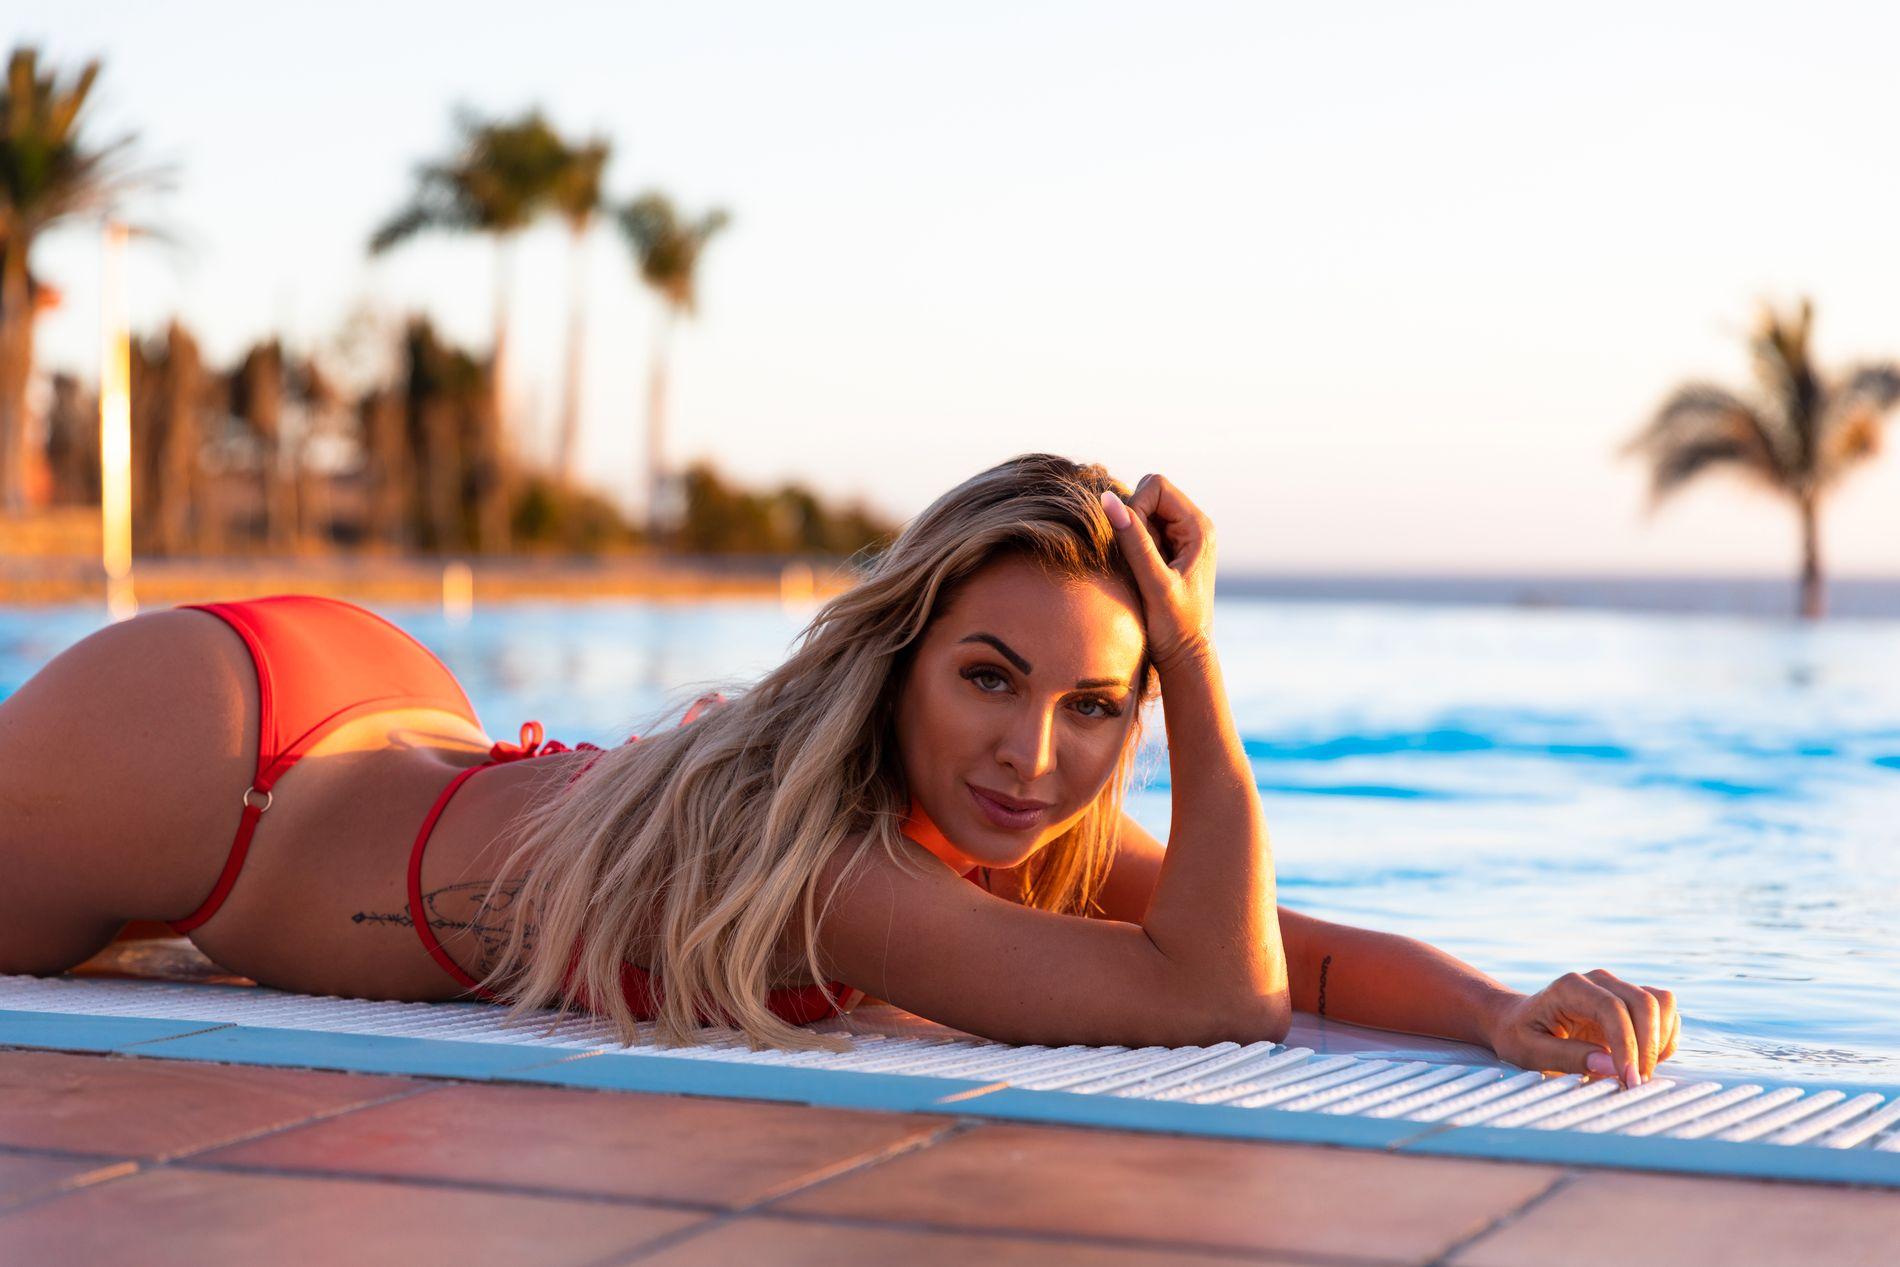 POSERER: Carina Dahl lanserte torsdag bikinikolleksjonen Pinkyswear, men har ikke alltid vært like komfortabel med å posere lettkledd foran kamera.